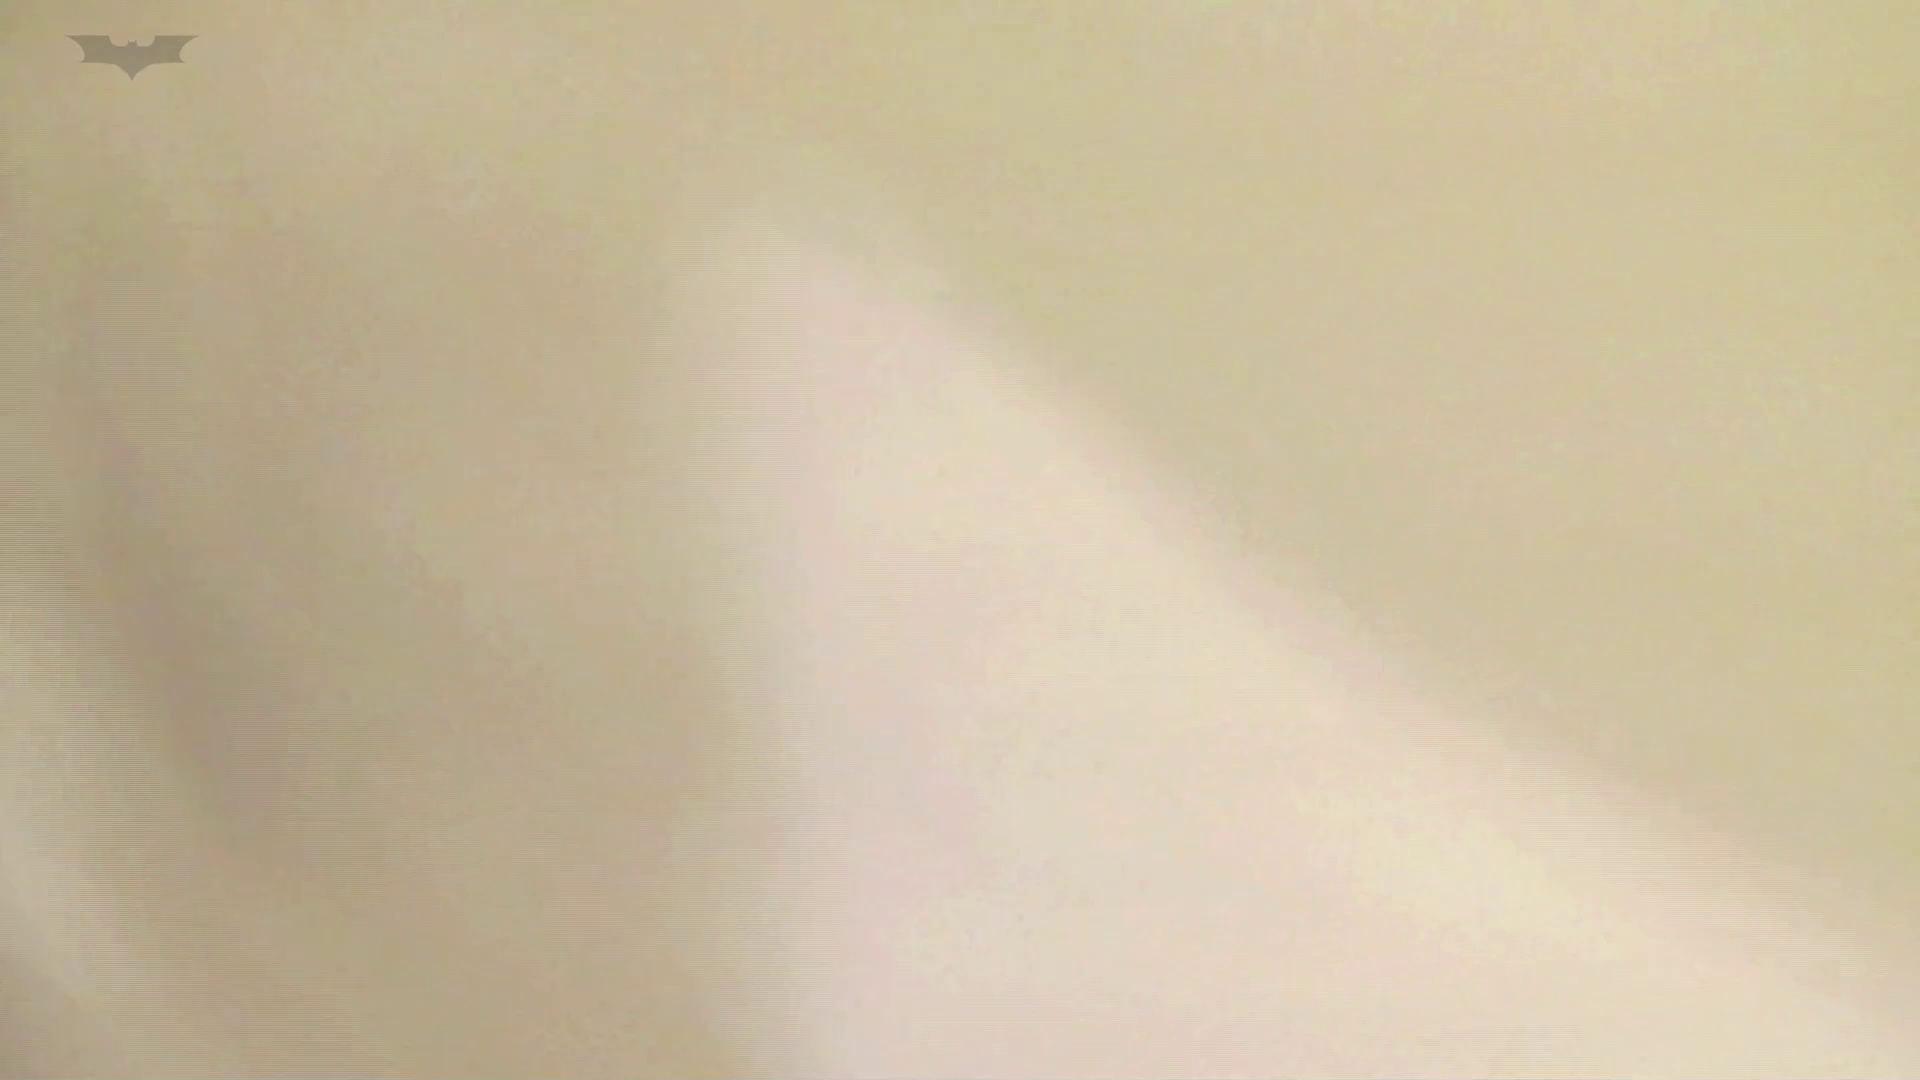 新世界の射窓 No78 トリンドル 玲奈似登場シリーズ美女率最高作! 美女 AV無料 103画像 41